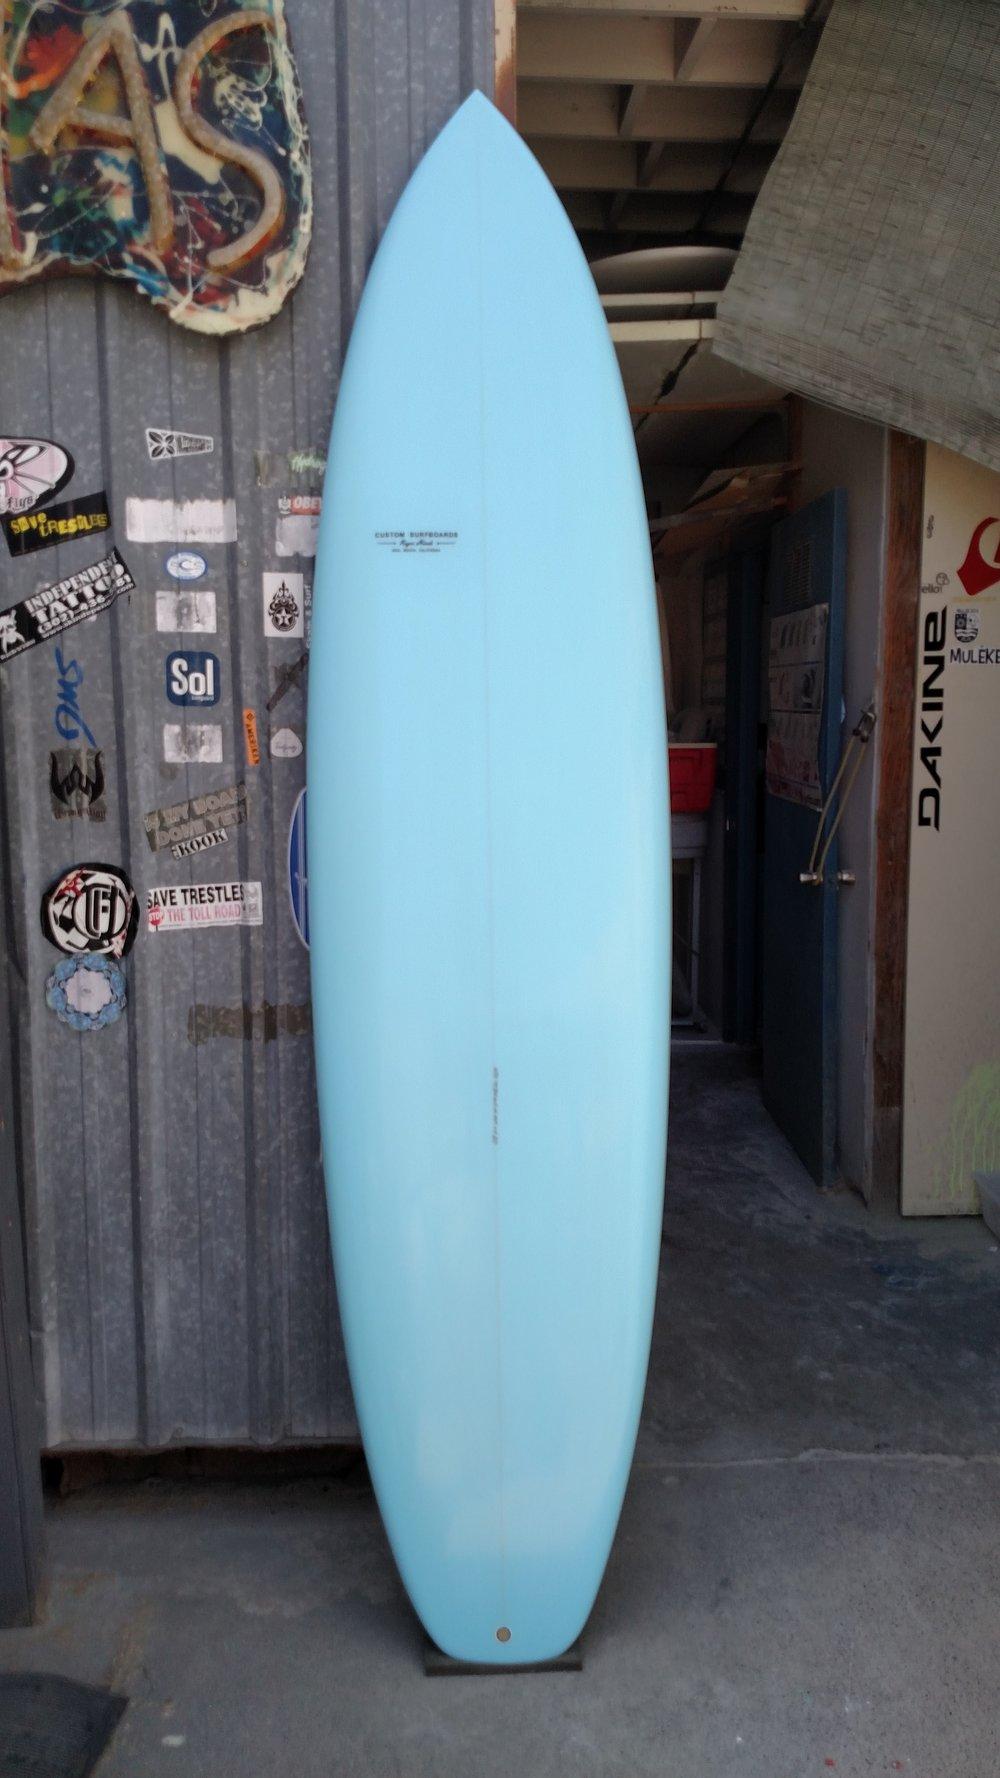 Roger-Hinds-Surfboards-Light-Blue-Nomad.jpg